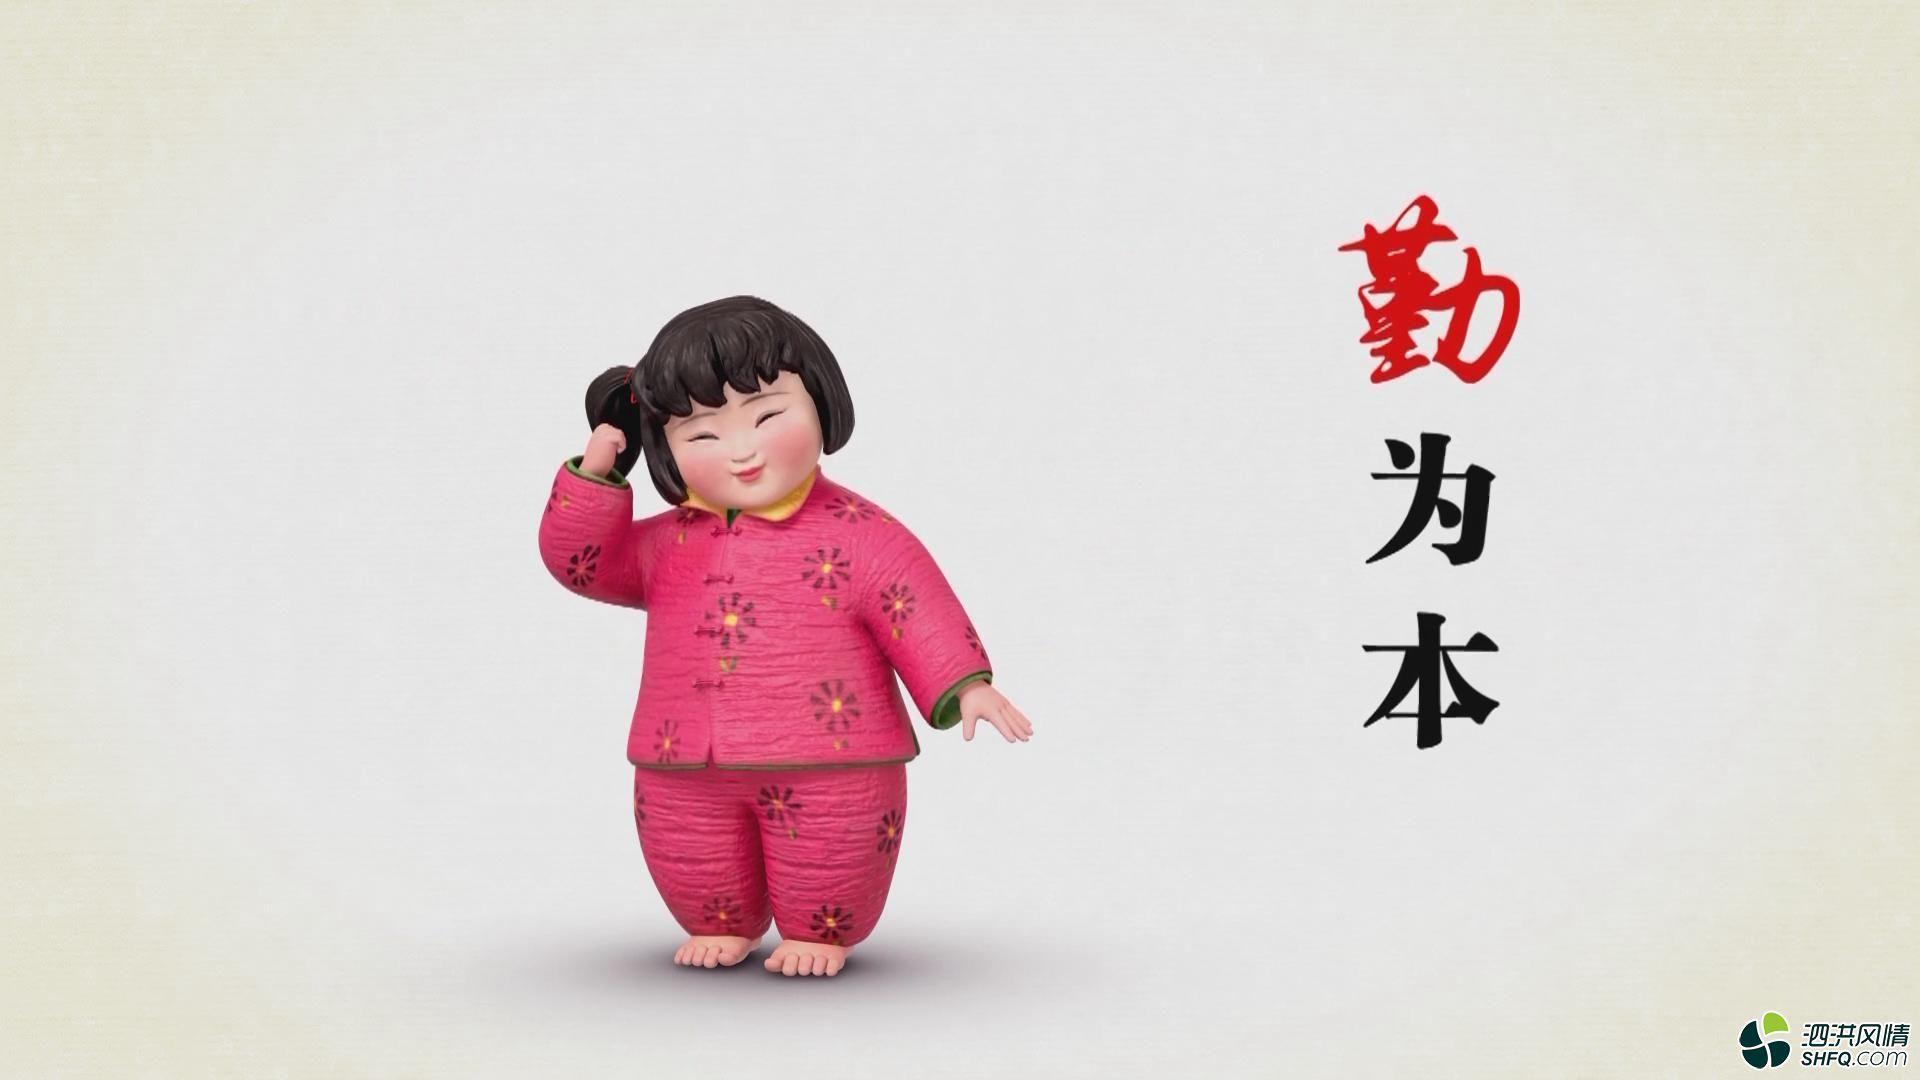 央视梦娃公益广告 新加坡公益广告图片 2015公益广告中国梦